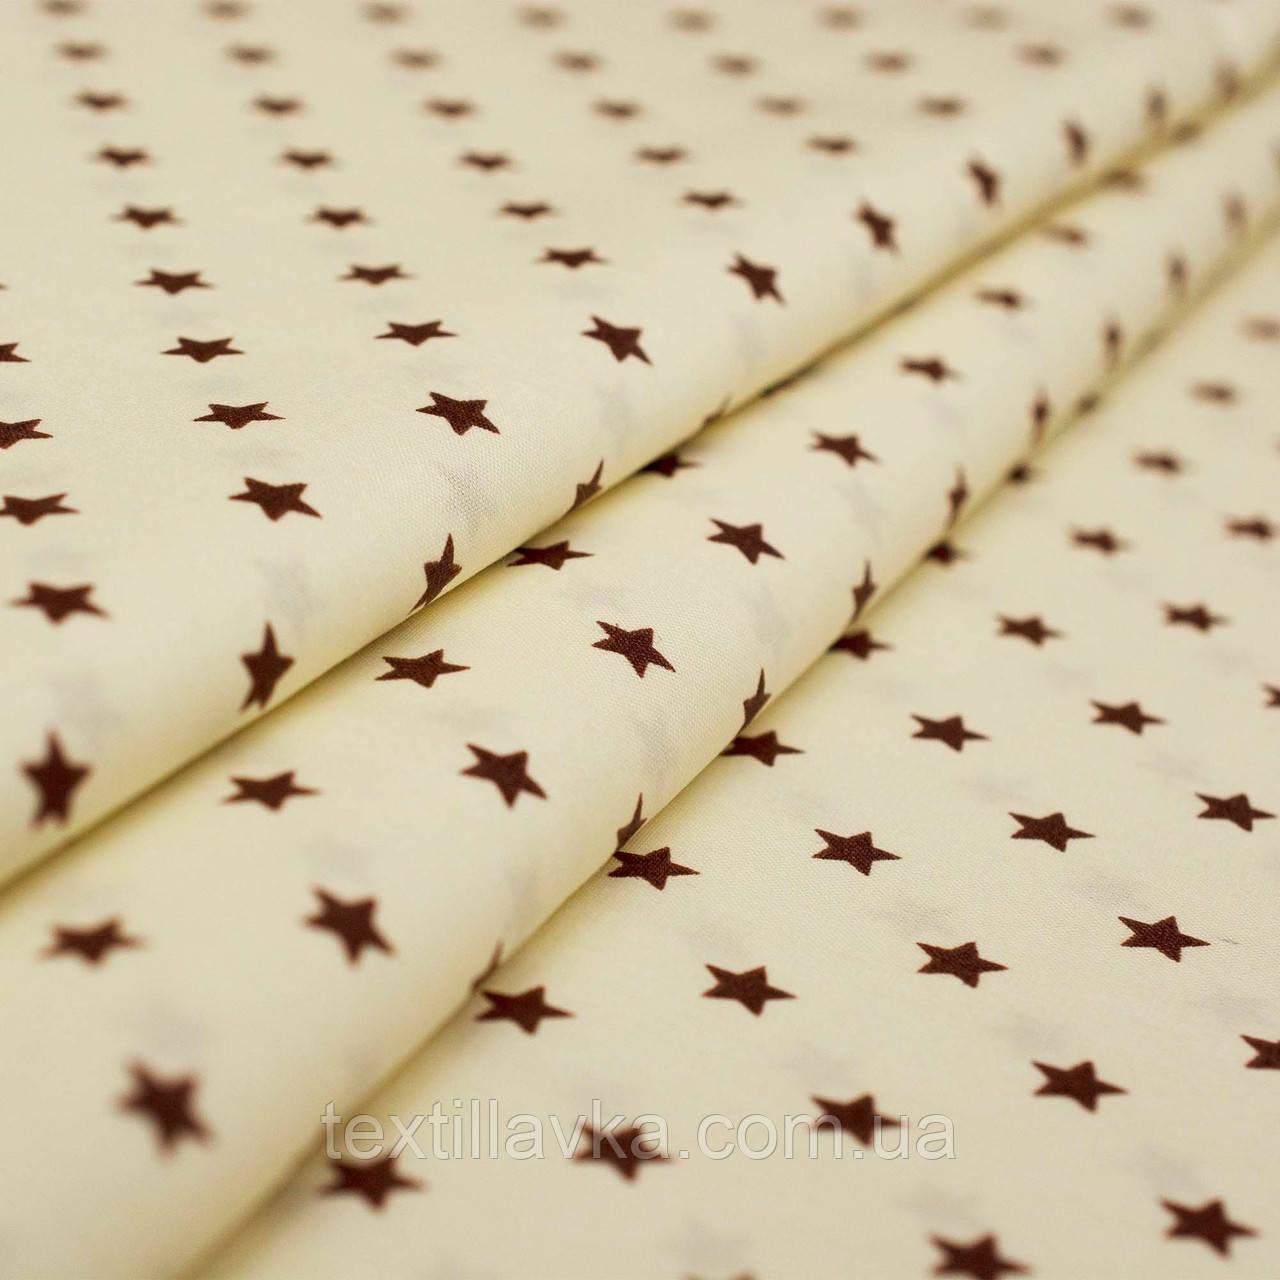 Ткань хлопок коричневые звезды на пастельно-желтом фоне